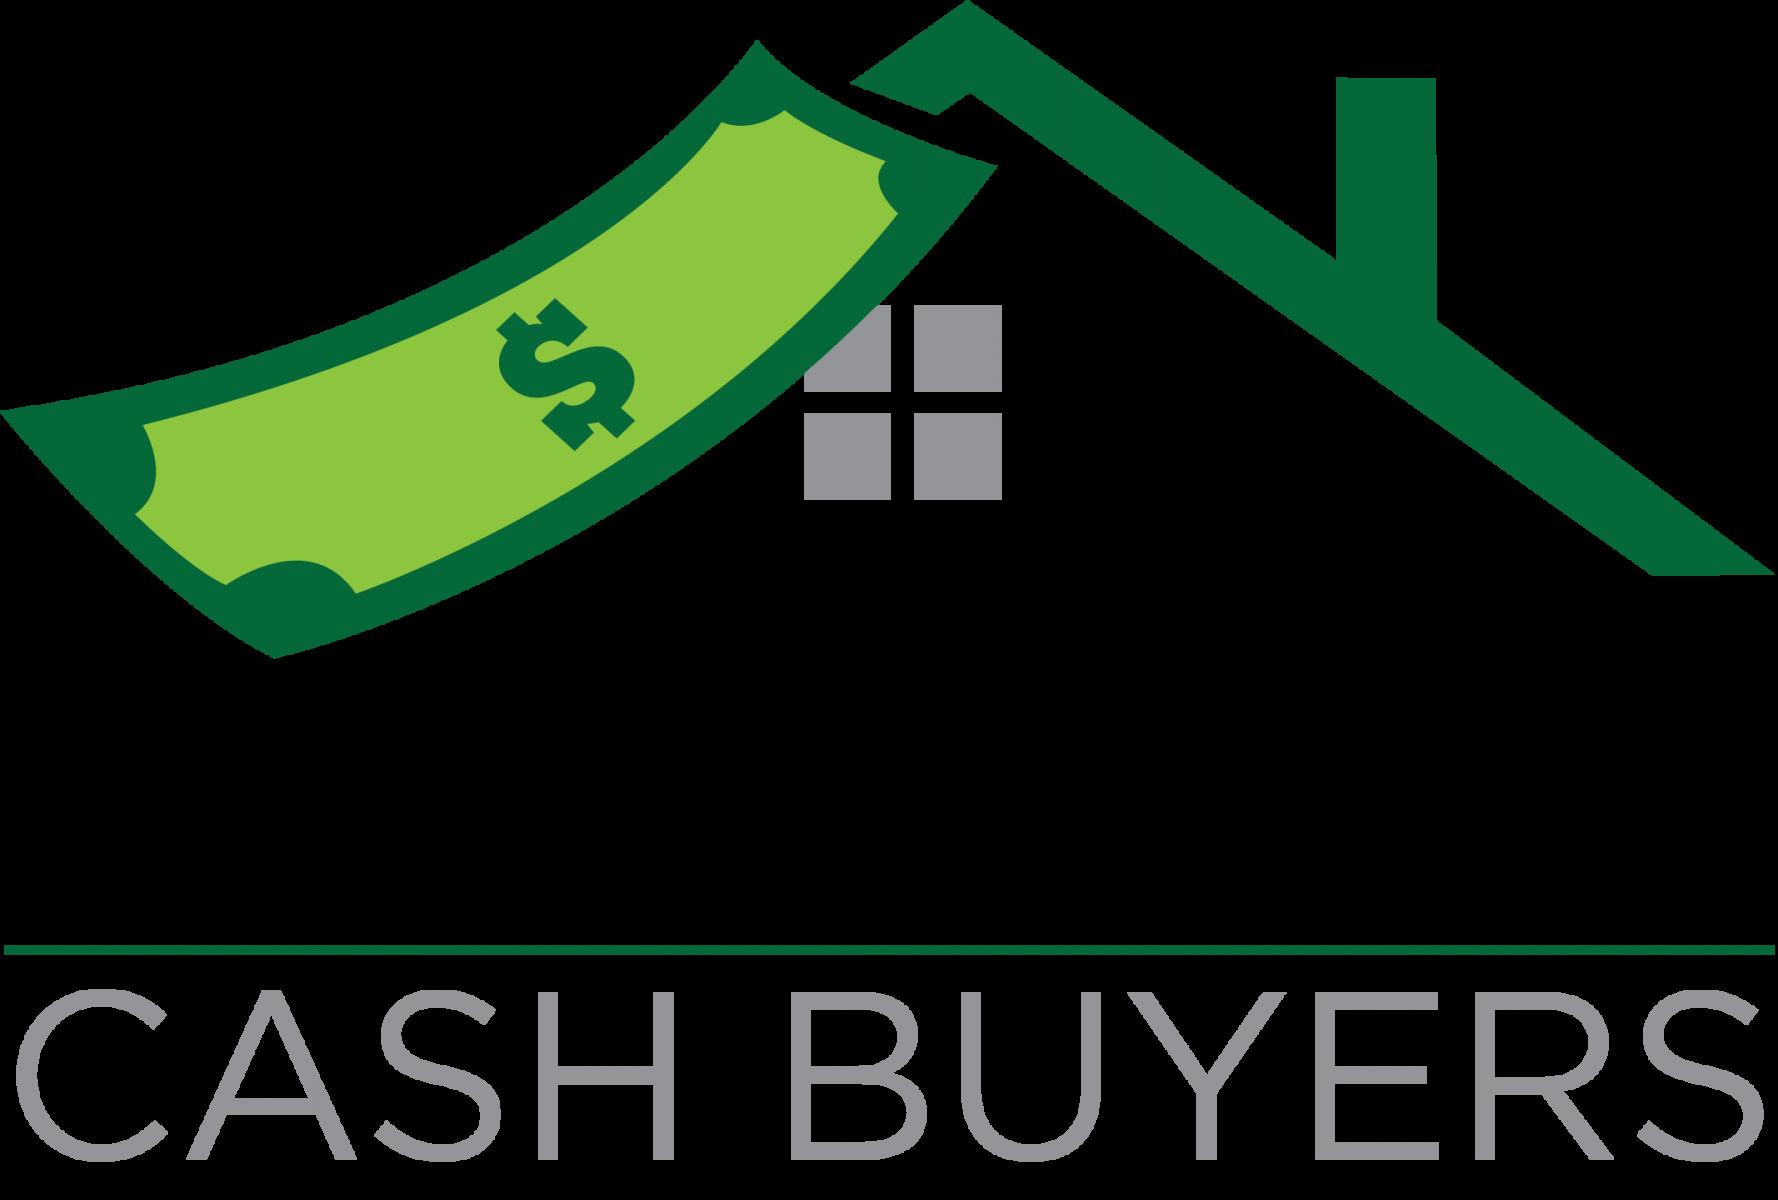 Michigan Cash Buyers  logo